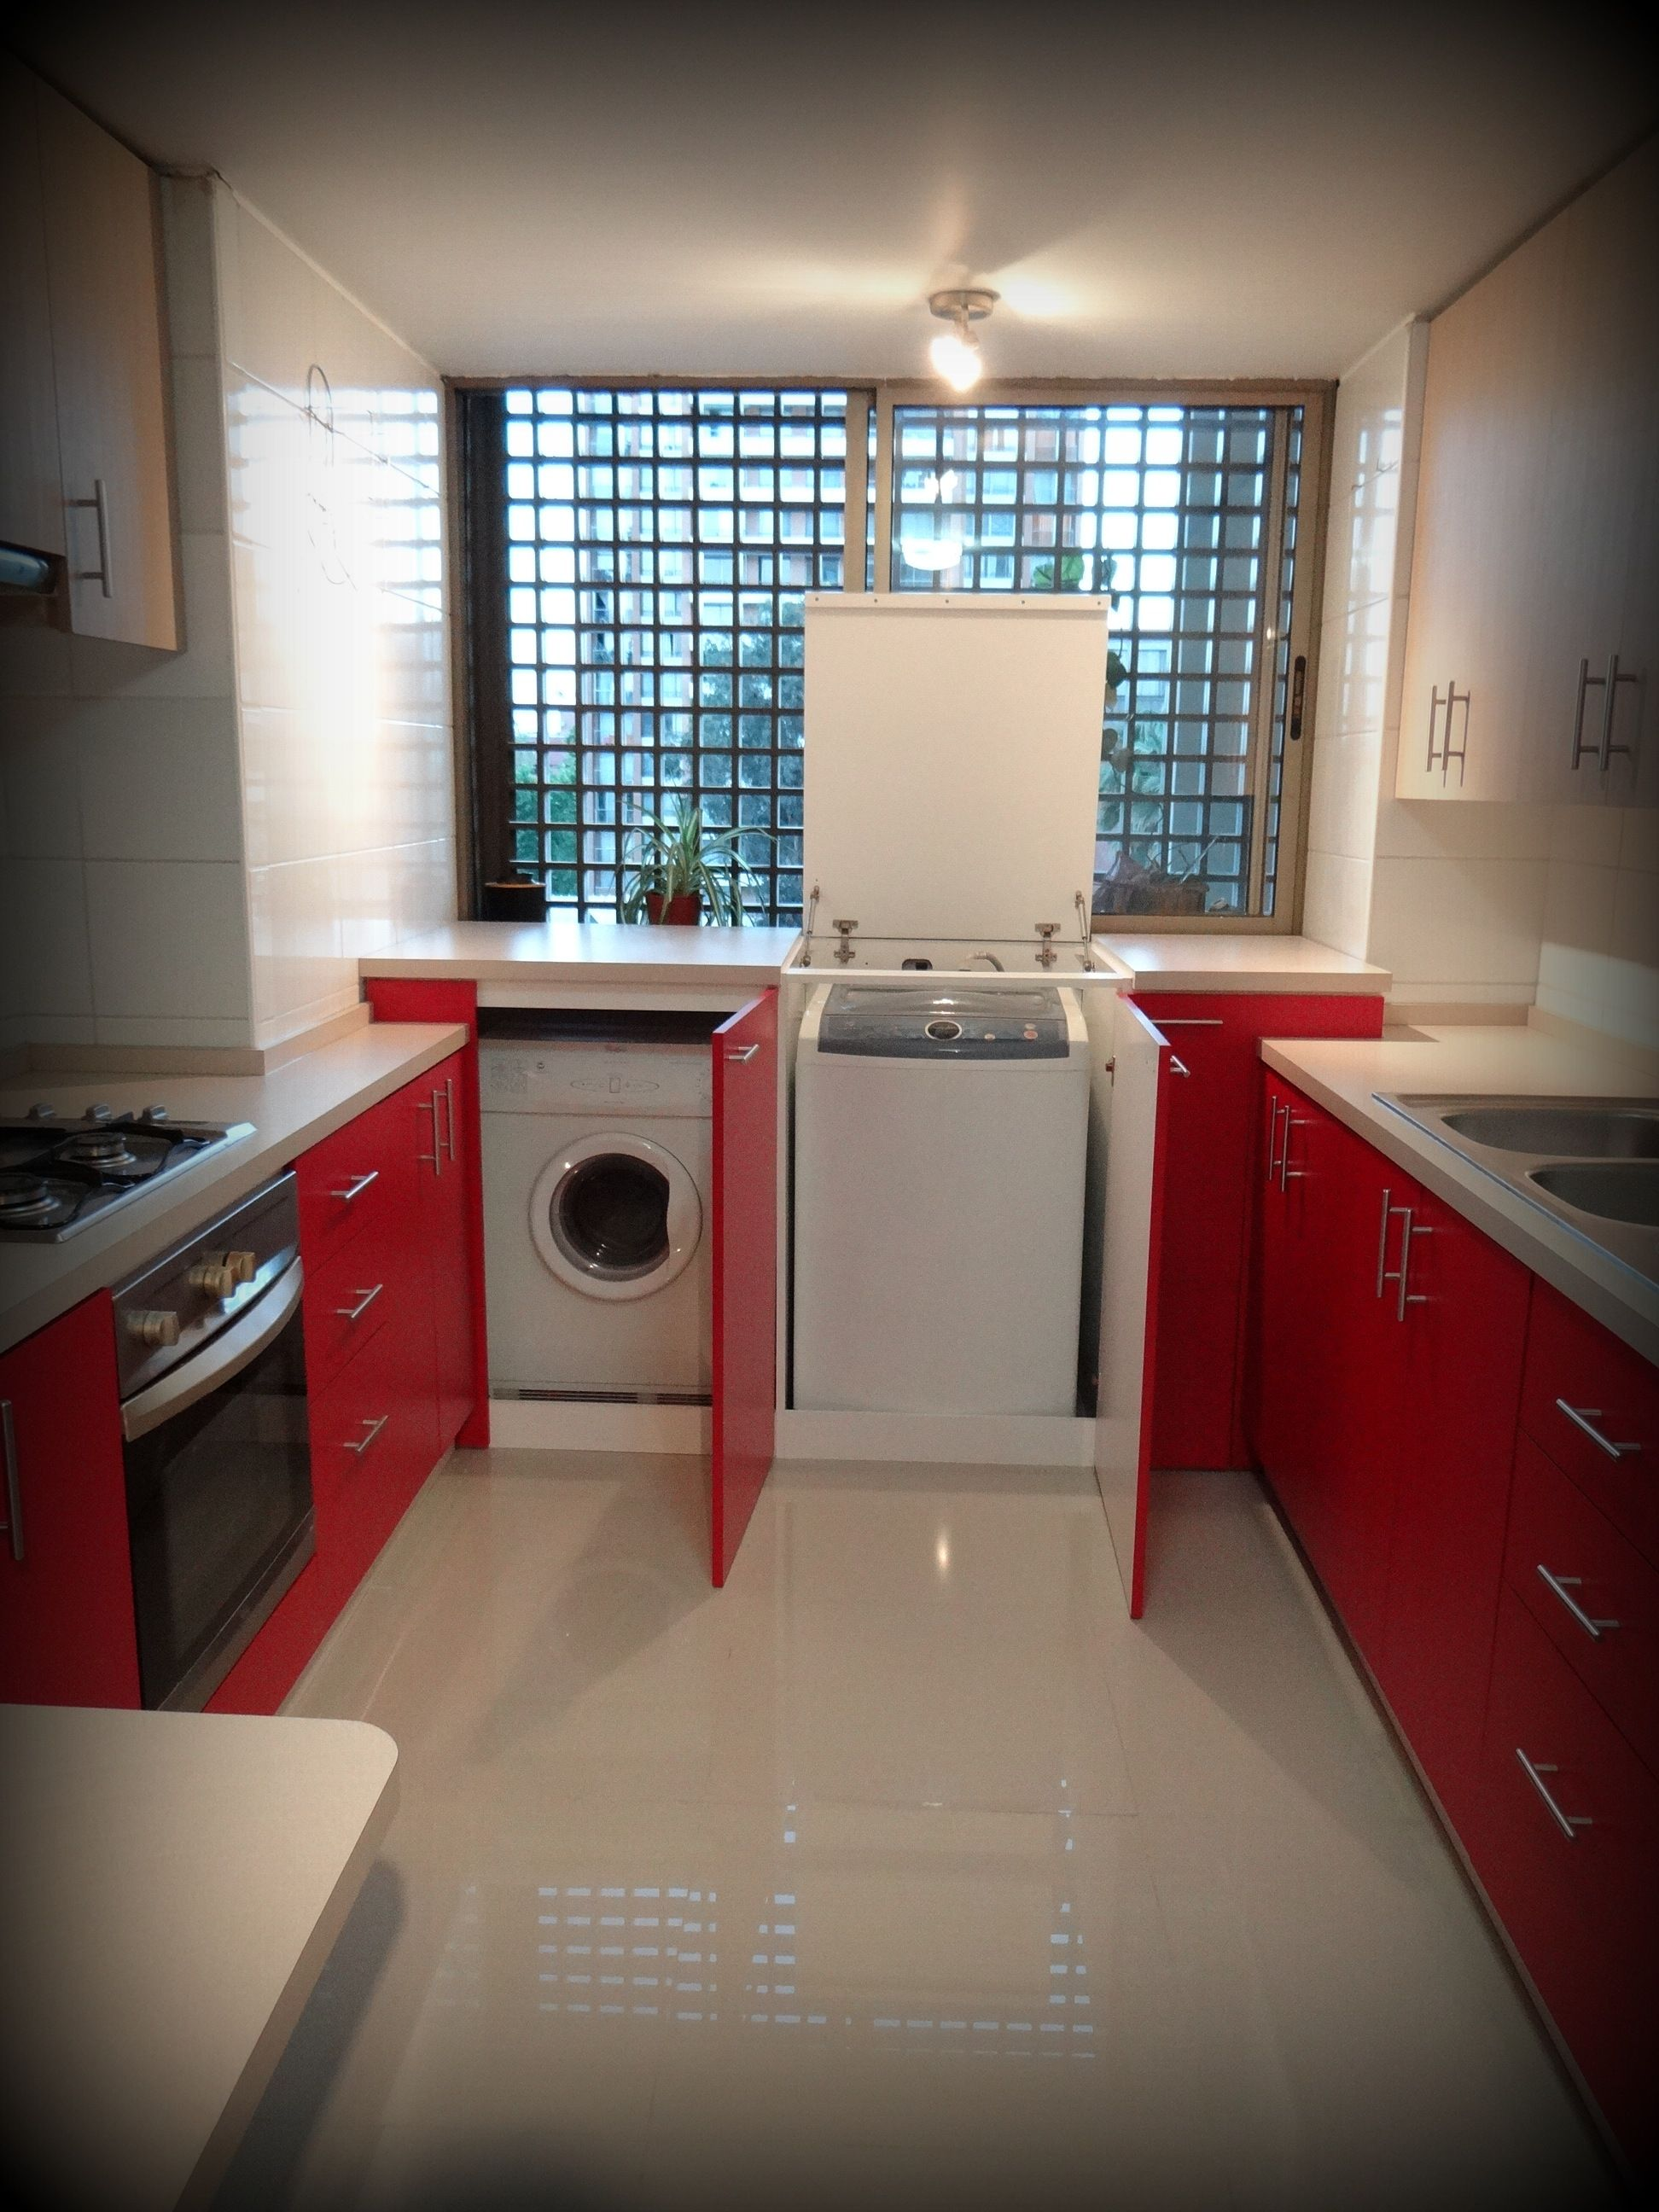 Soluci n para secadora y lavadora con carga superior y for Frontal cocina ideas